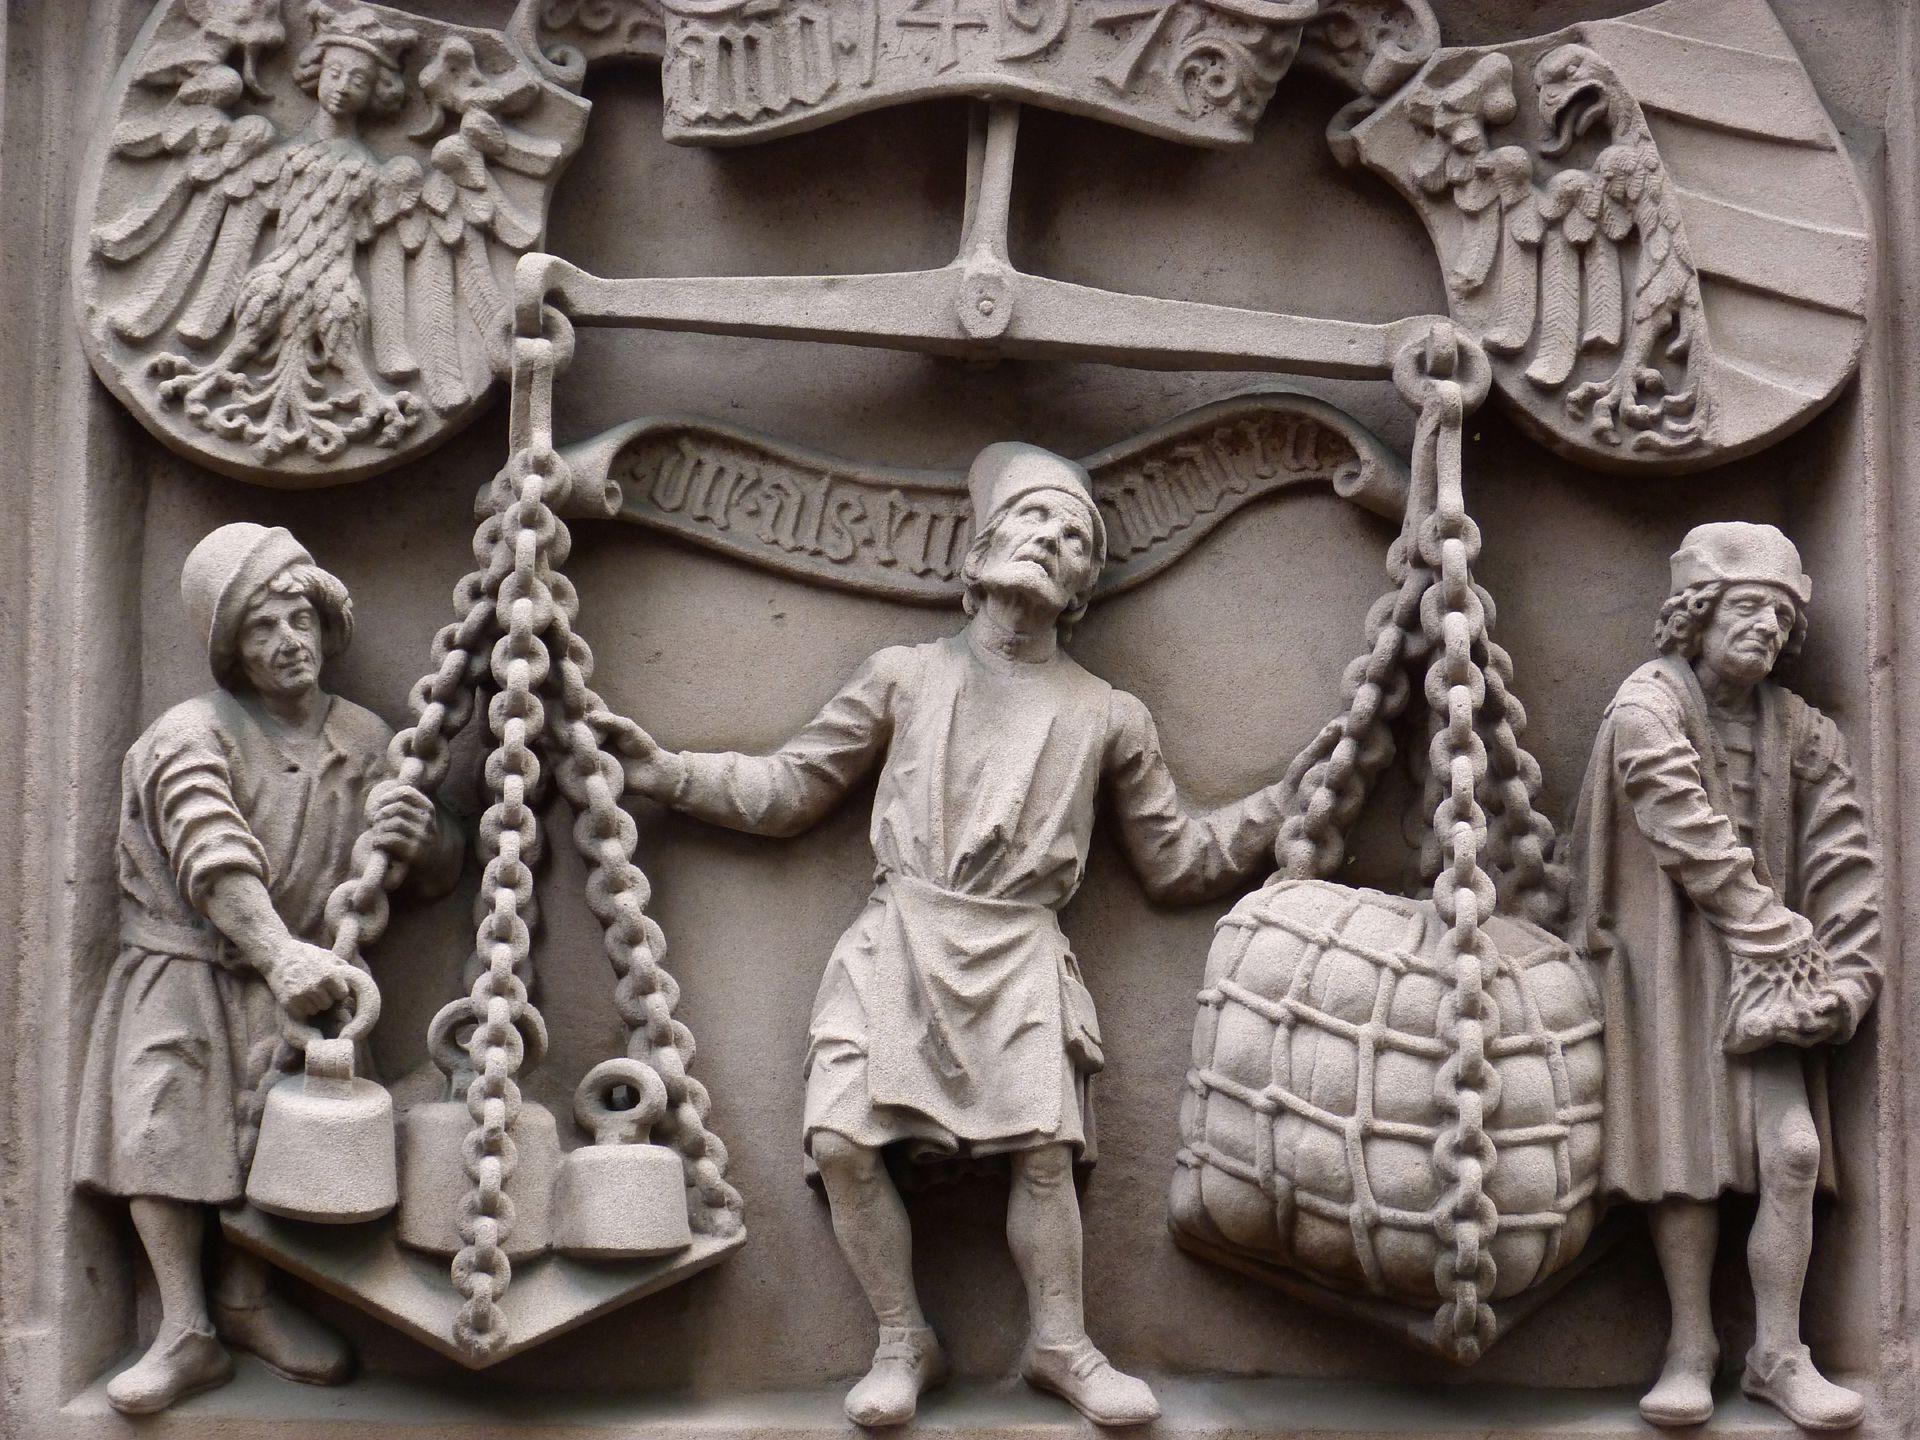 Waagrelief Detail des Waagemeisters, flankiert von Geselle und Handelsherr